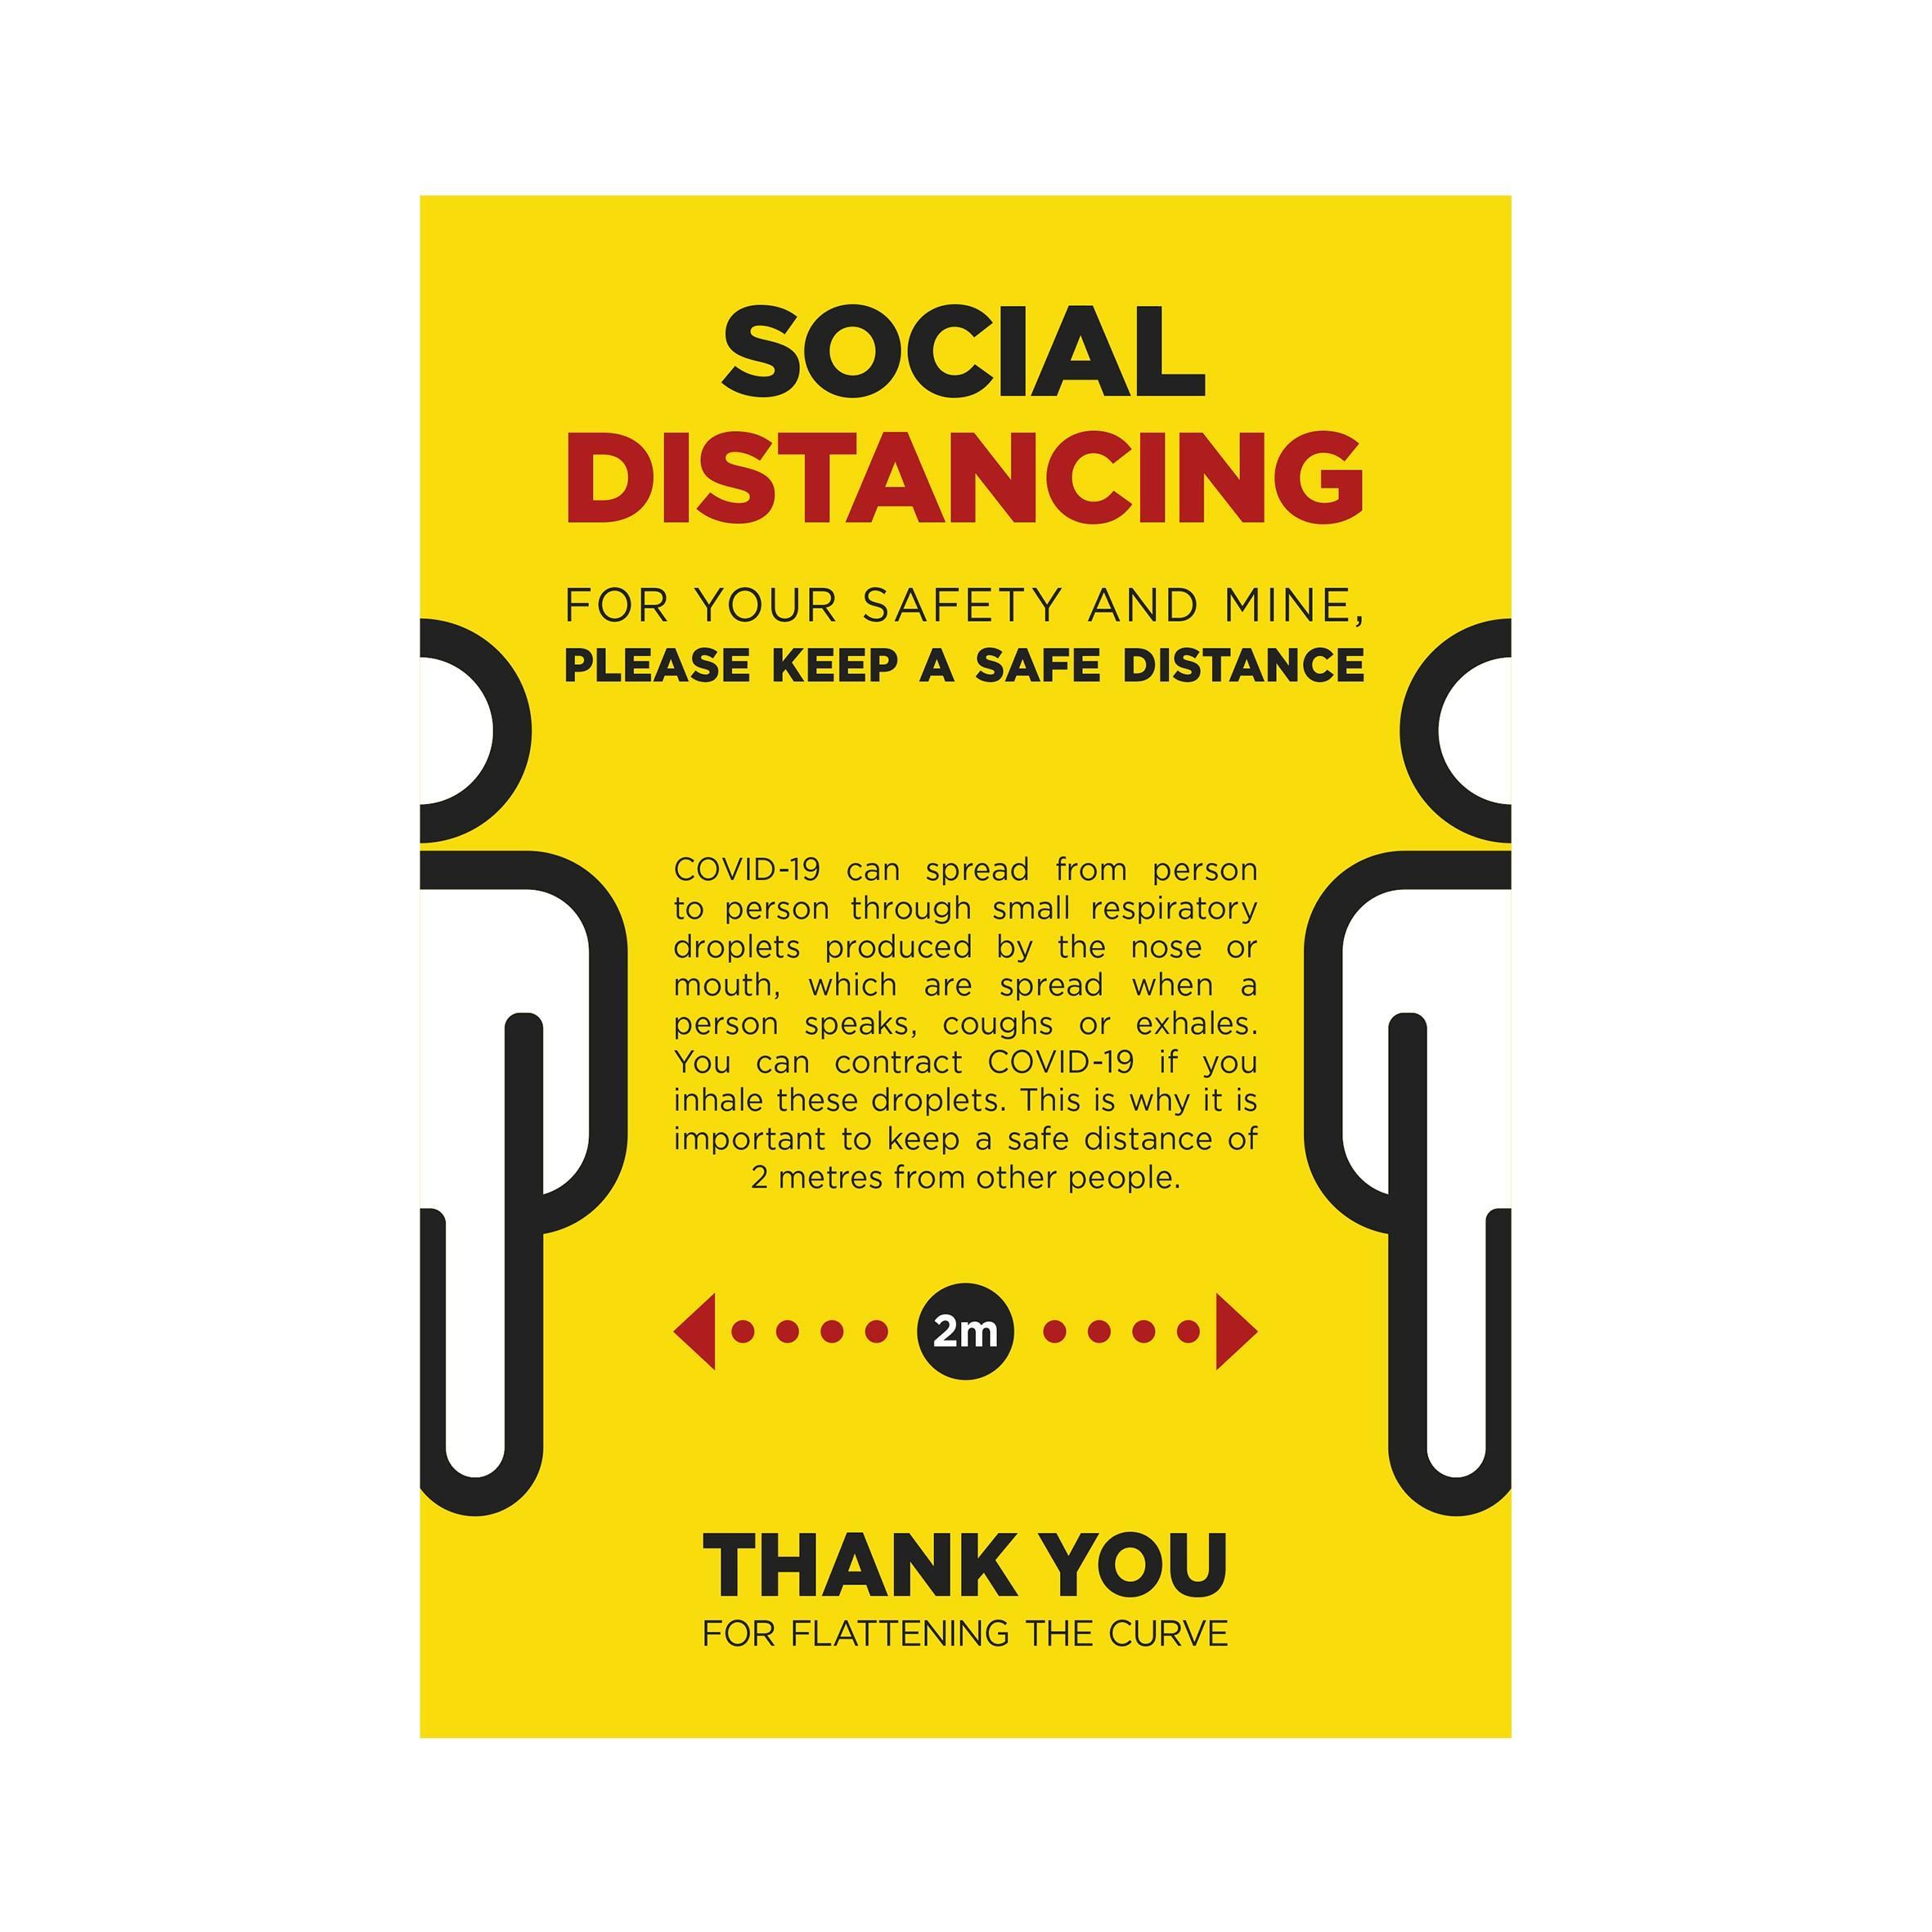 Jupiter A0 Social Distance Poster - Per Unit